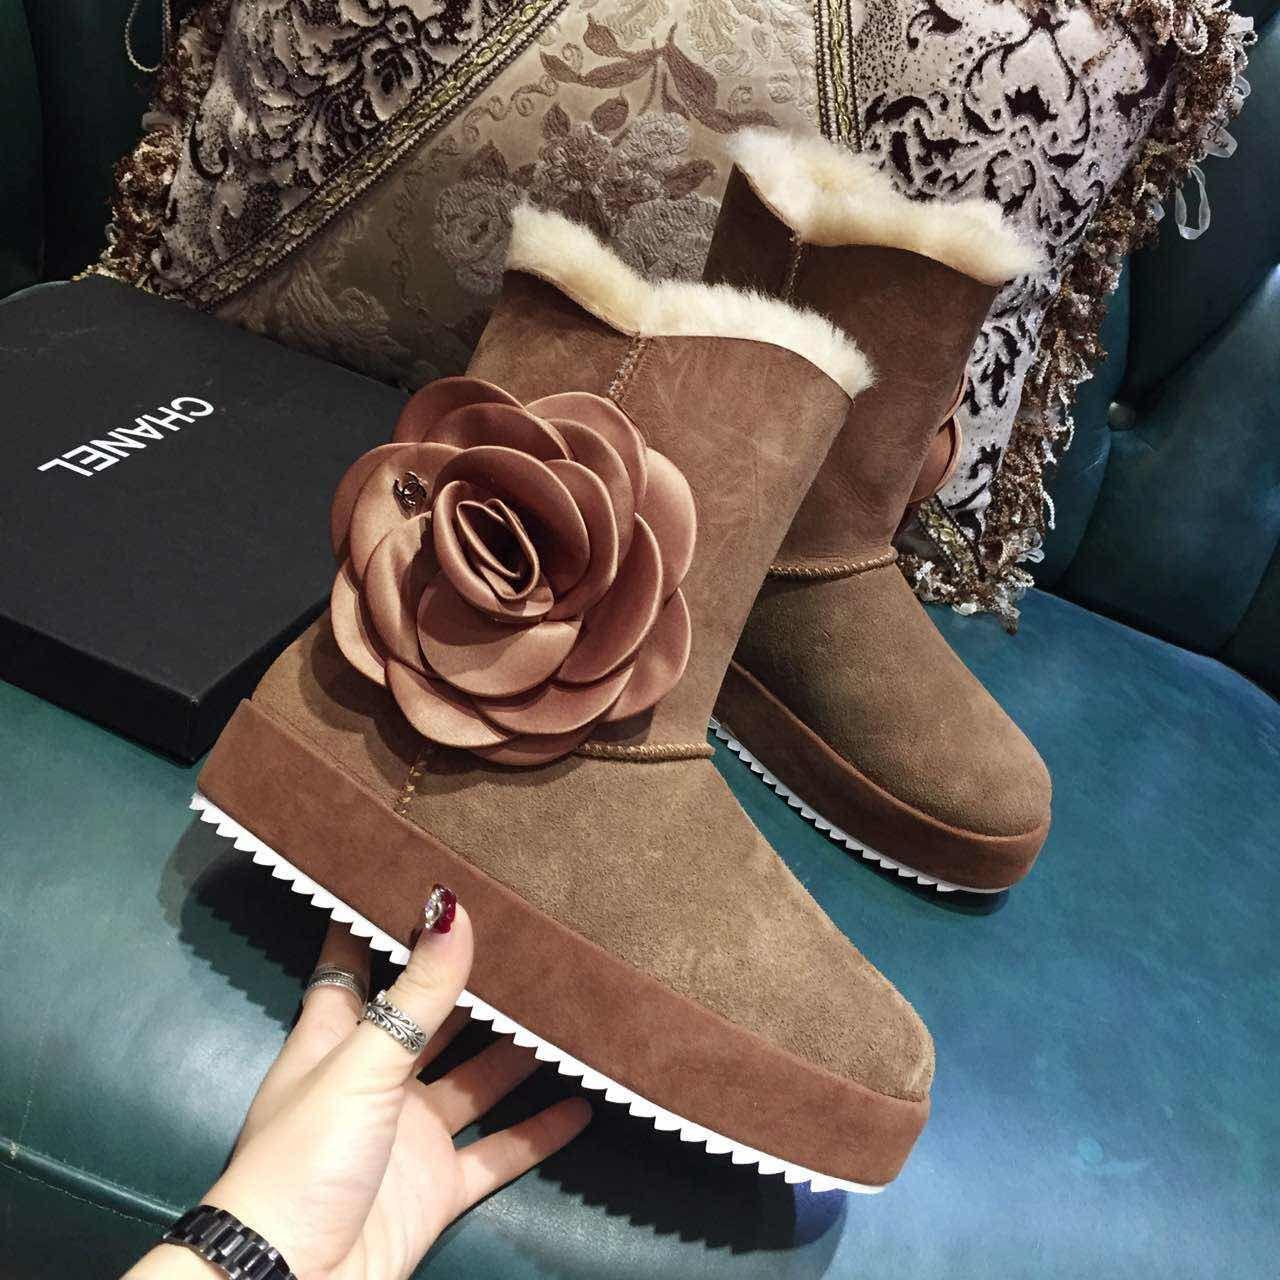 シャネル レディース 冬靴 2色 ブランドスーパーコピー 最新入荷 p7832067